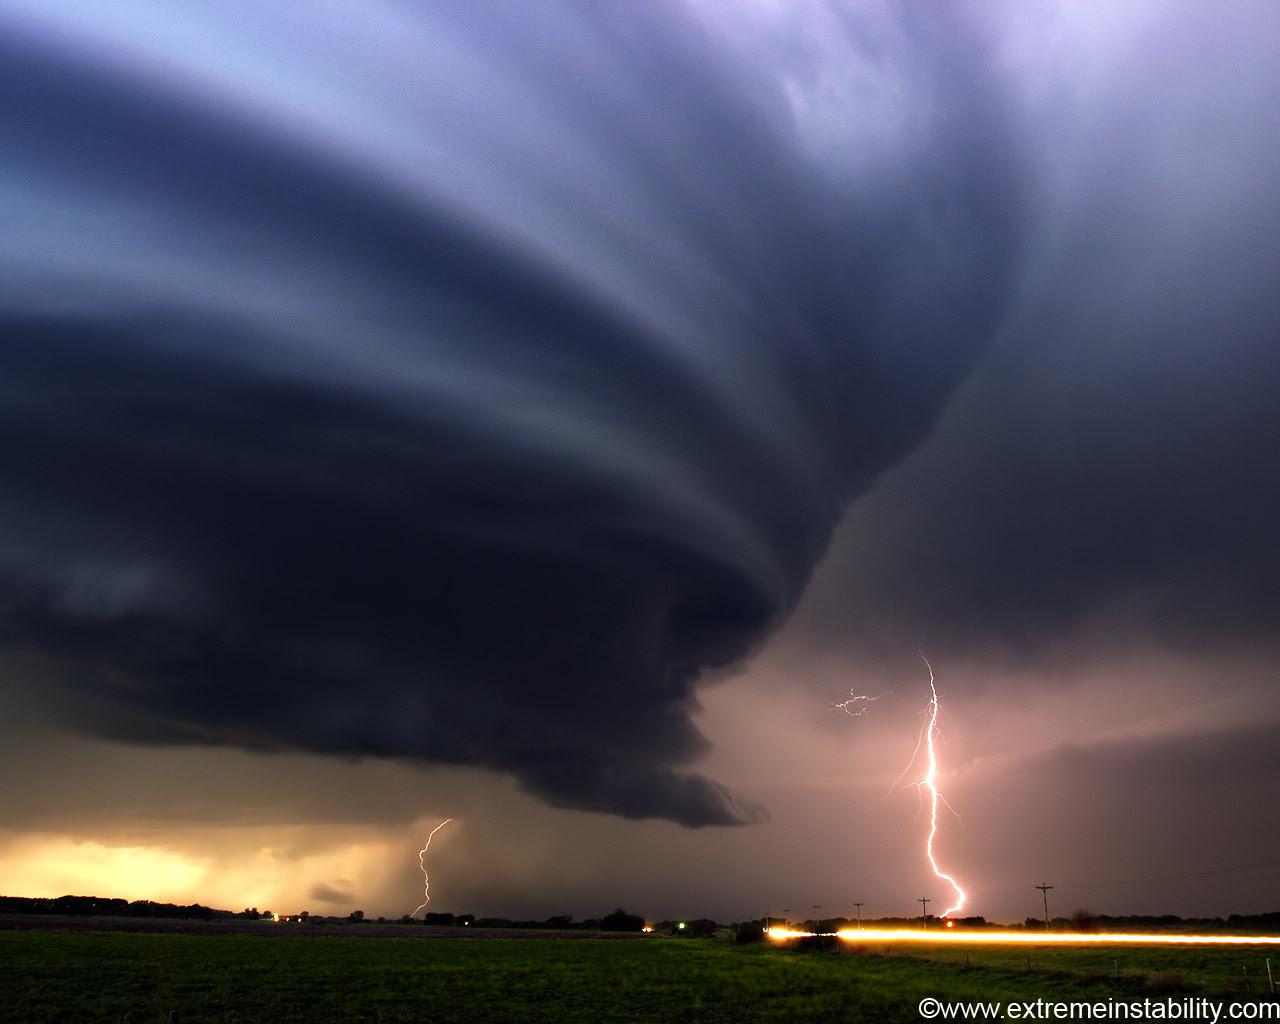 http://images2.fanpop.com/images/photos/6900000/Tornado-national-geographic-6968525-1280-1024.jpg